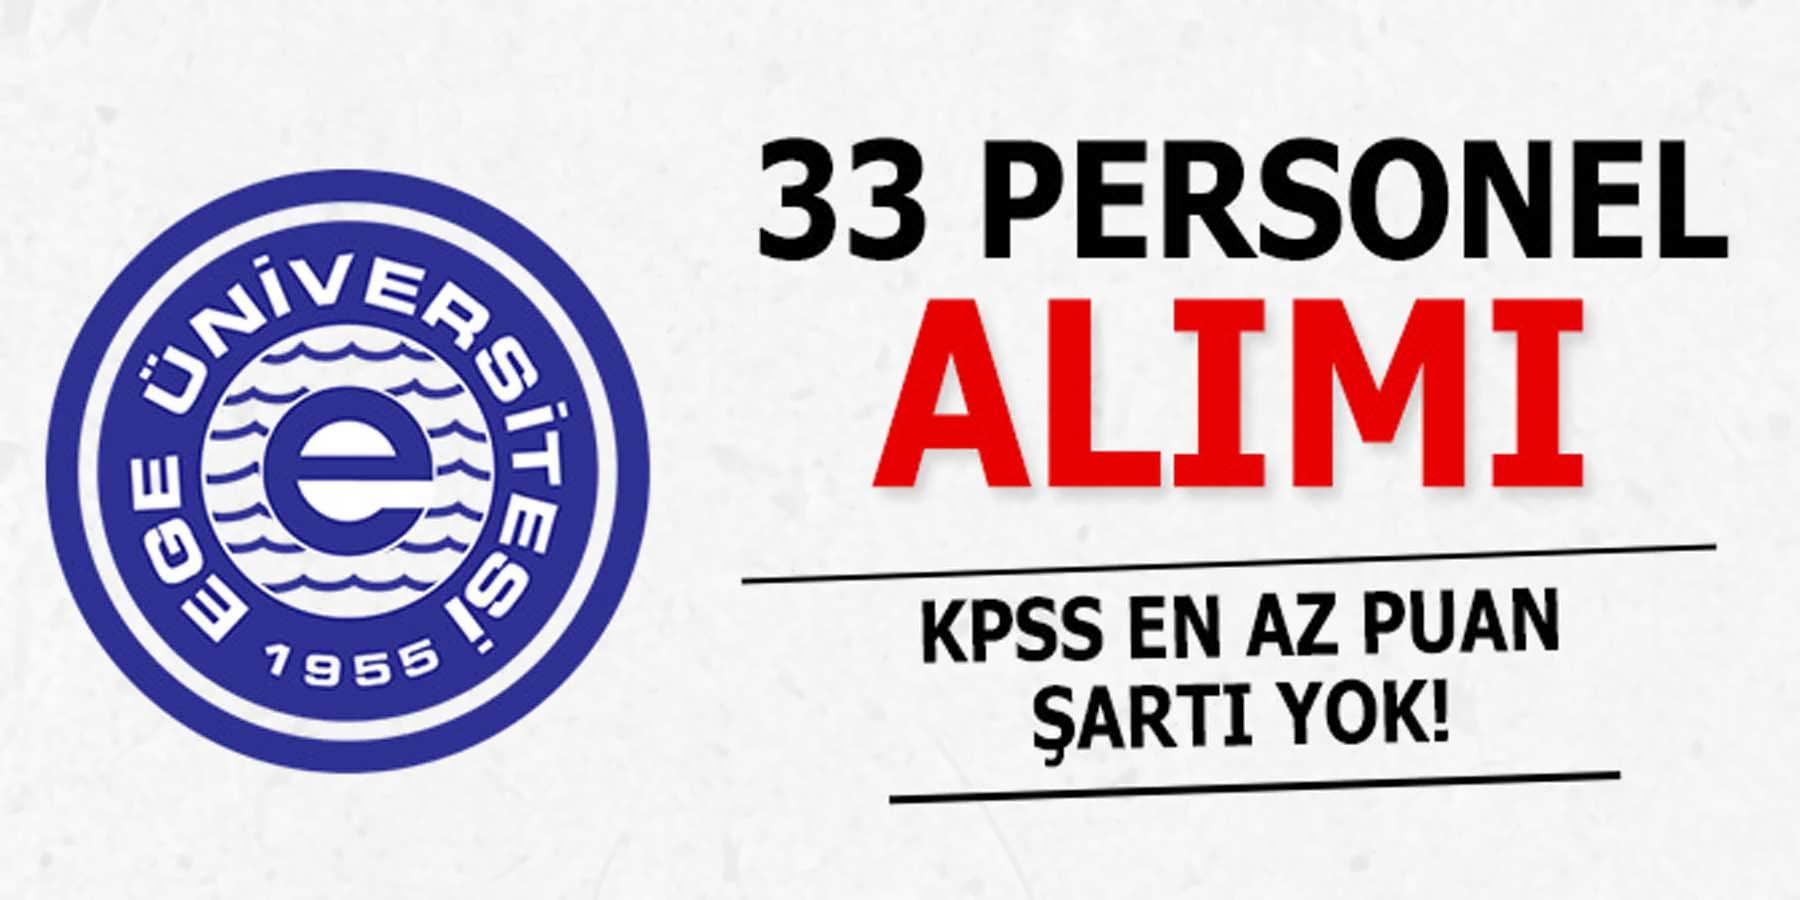 Ege Üniversitesi KPSS En Az Puan Şartsız 33 Personel Alımı